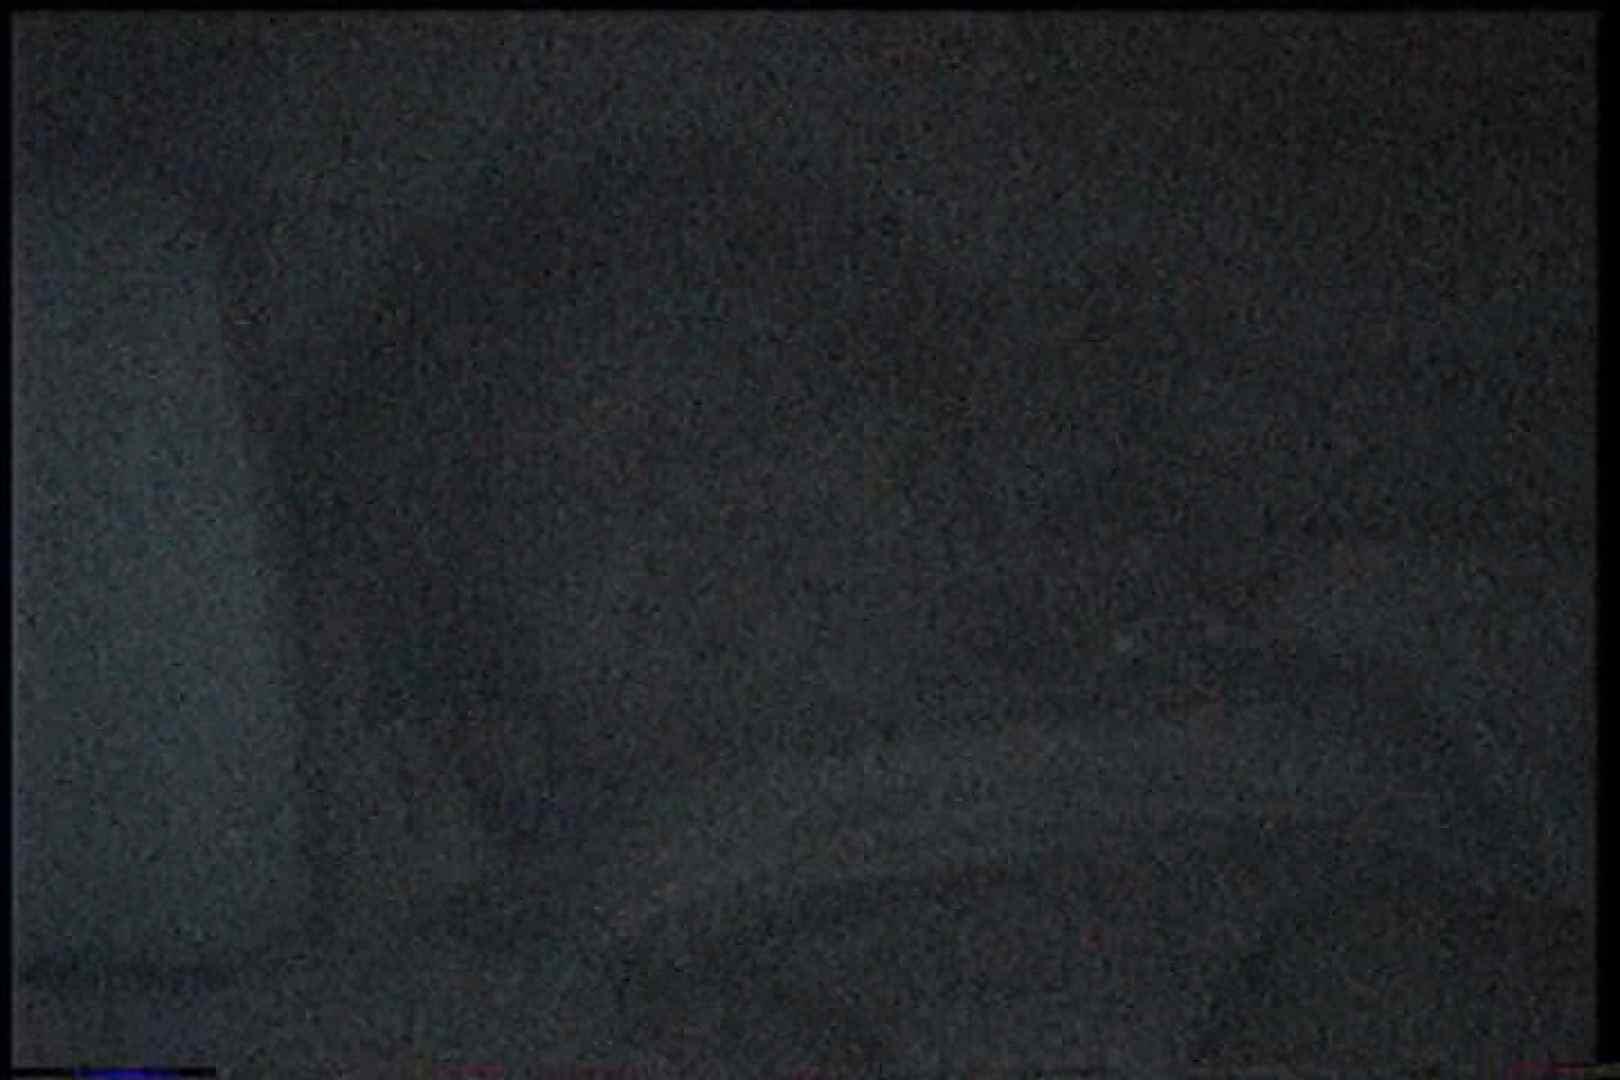 充血監督の深夜の運動会Vol.181 エロティックなOL 女性器鑑賞 79画像 8